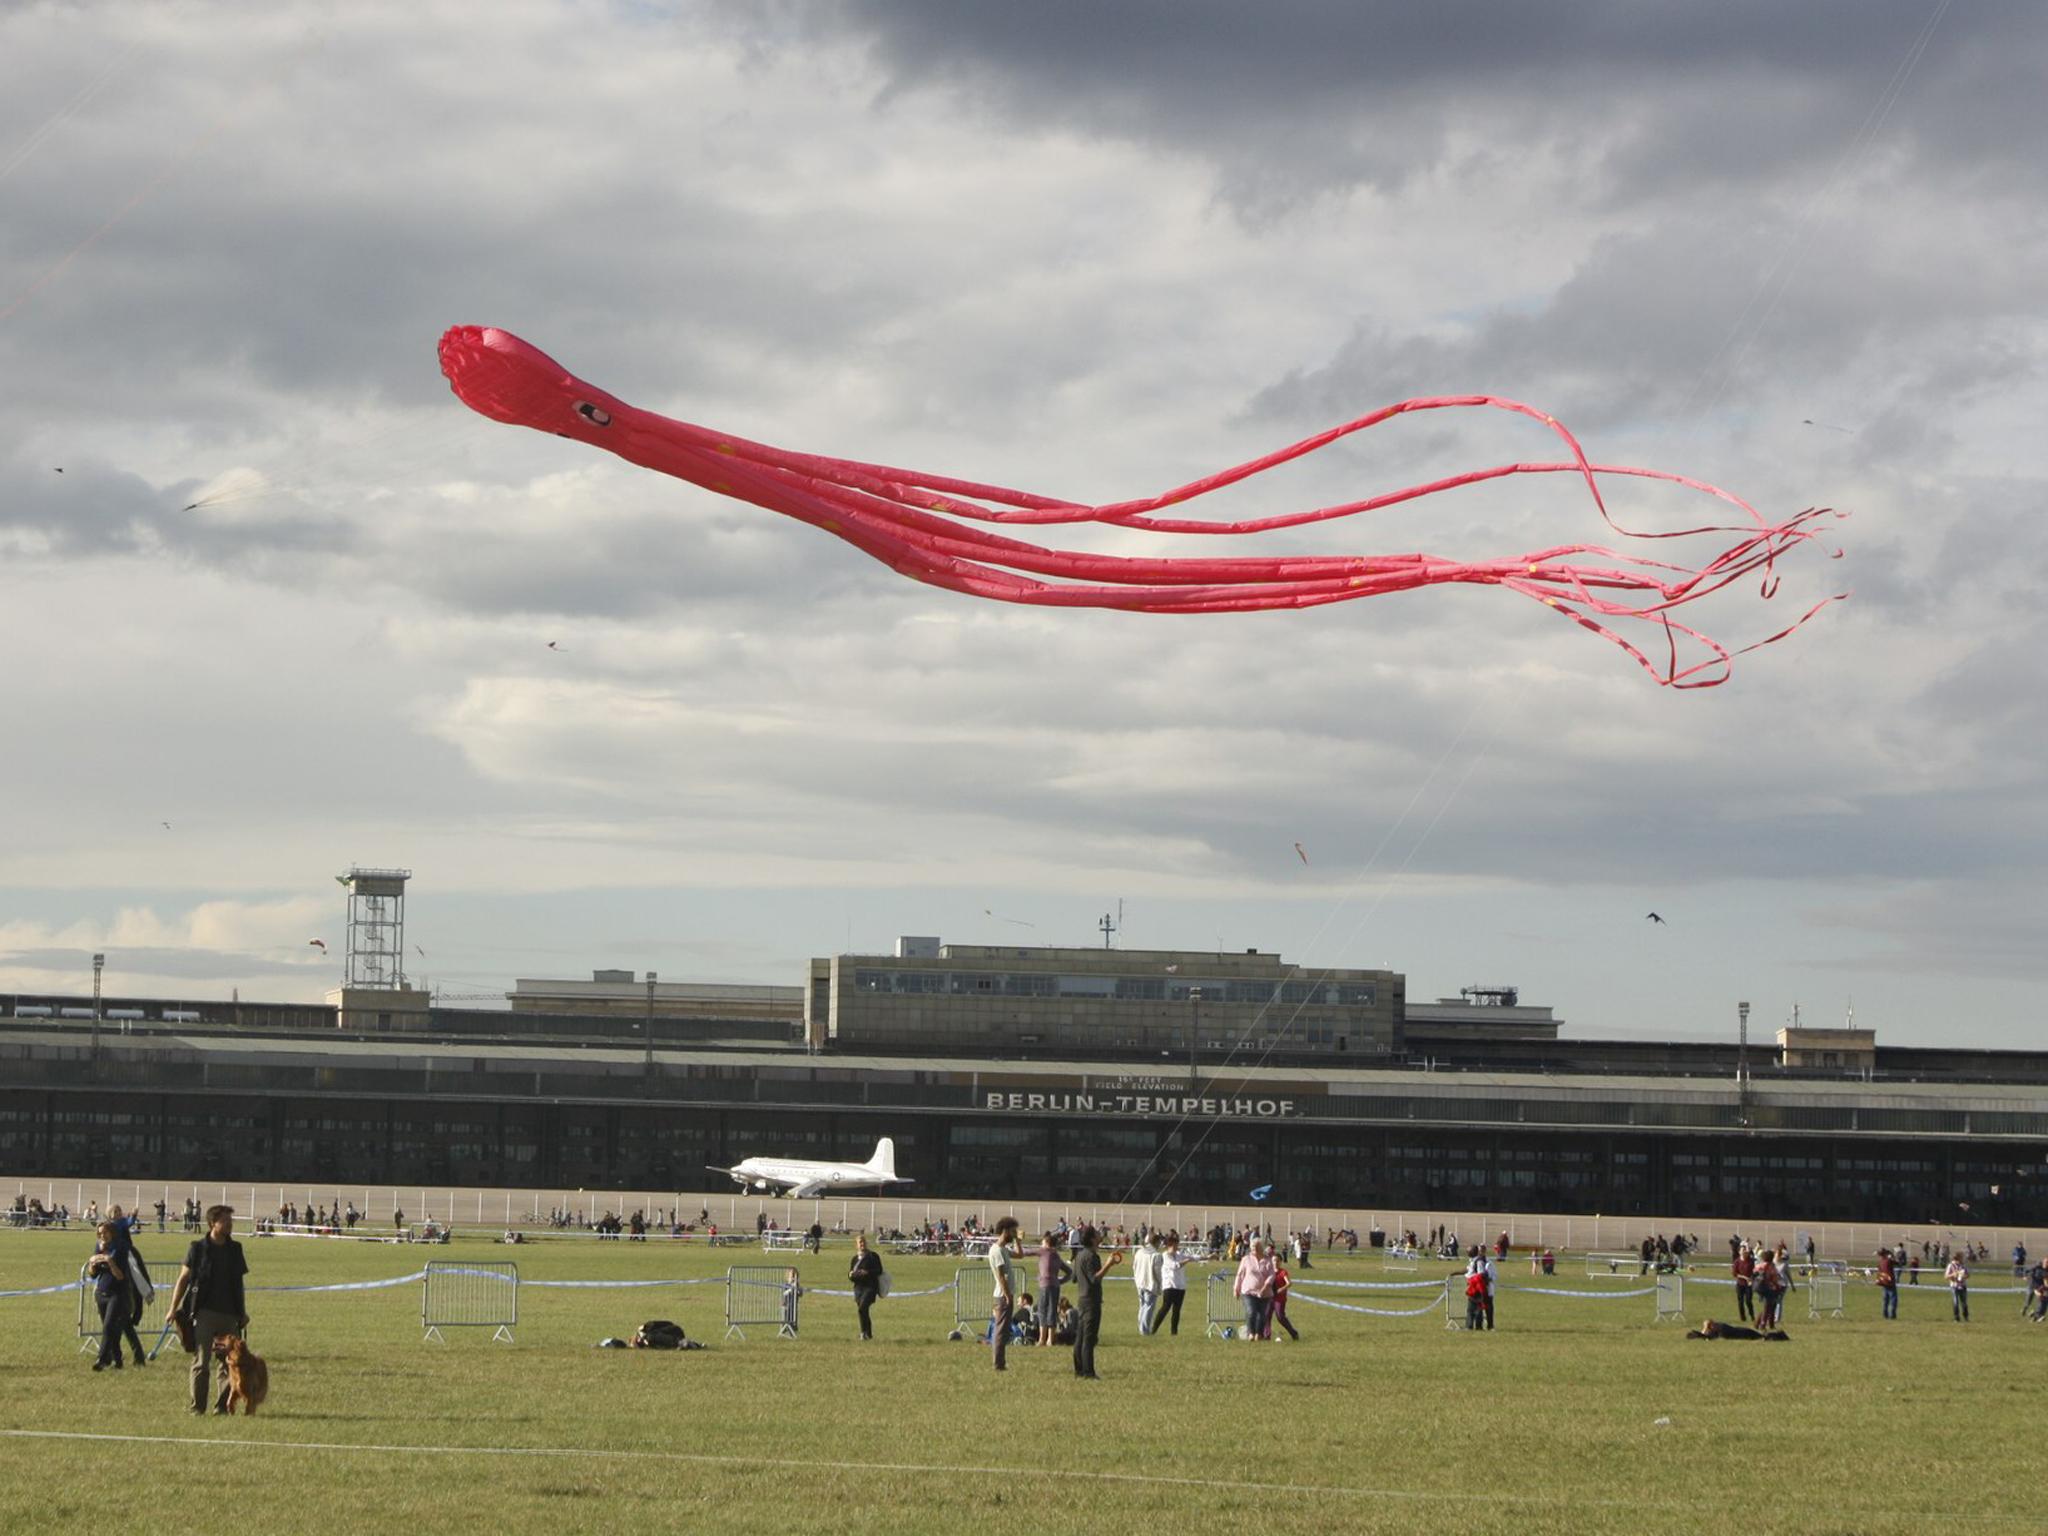 A kite flies over Tempelhofer Feld in Berlin